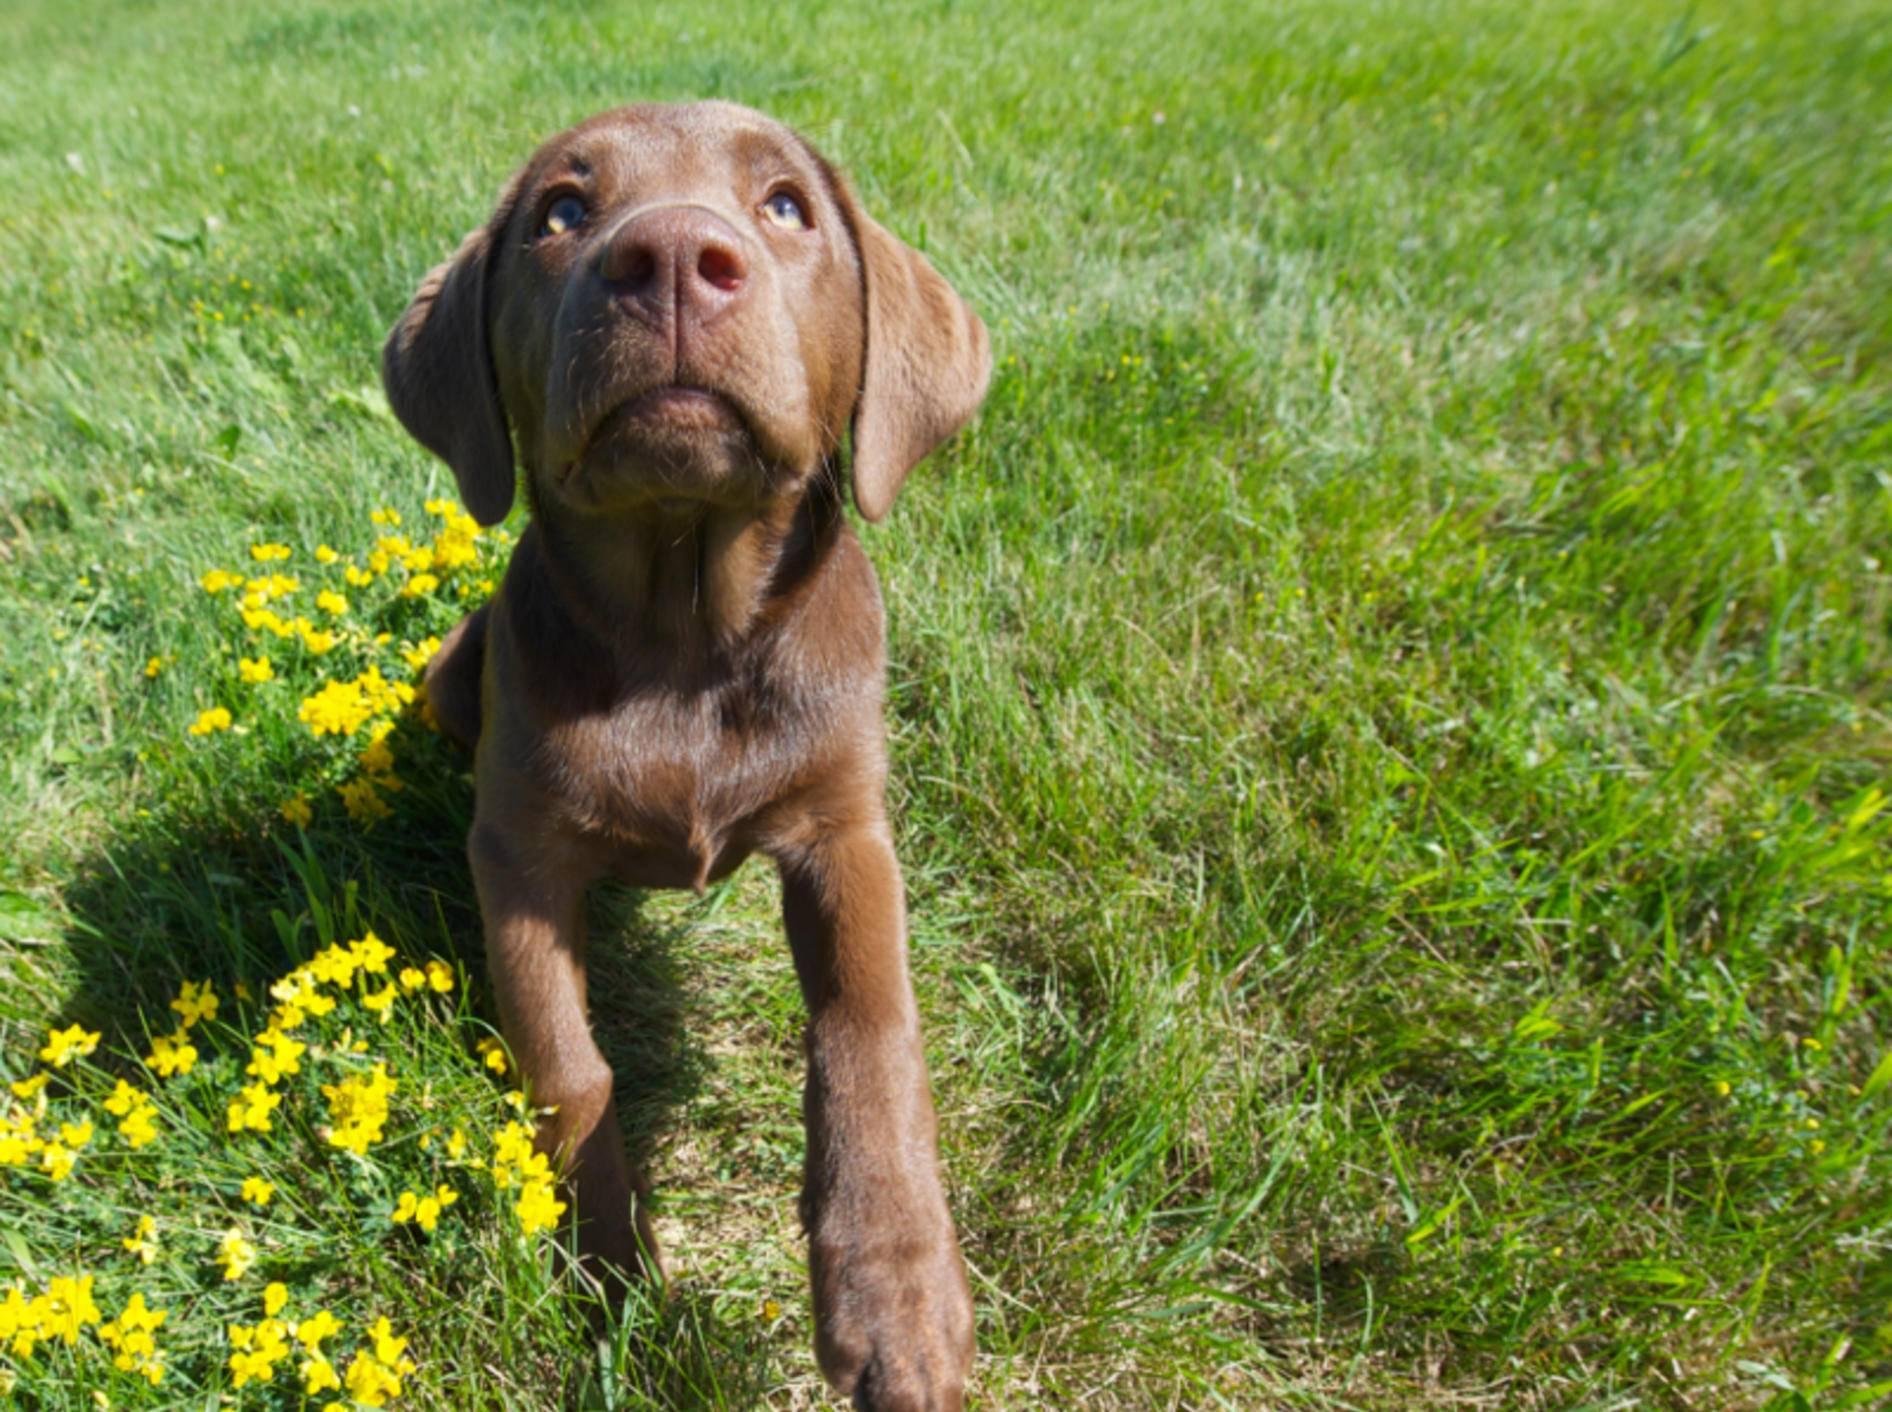 Hund hört nicht: Was ist zu tun? – Bild: Shutterstock / Kelly Nelson